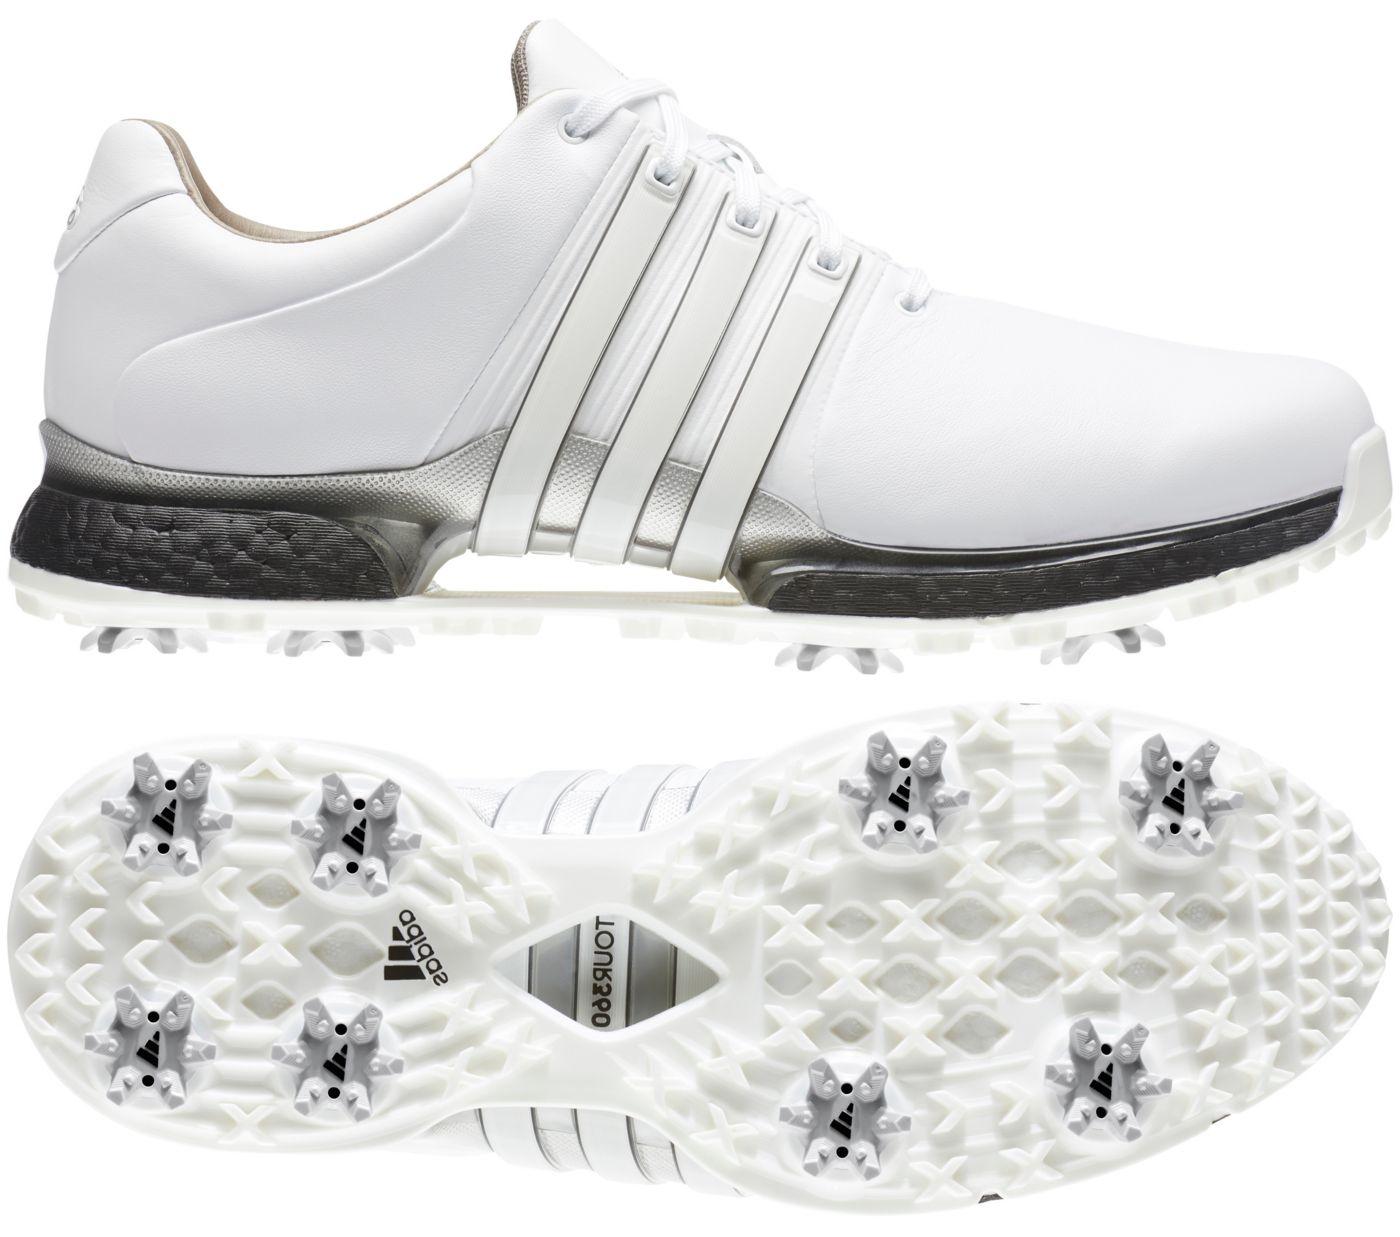 adidas Men's TOUR360 XT Golf Shoes 2020